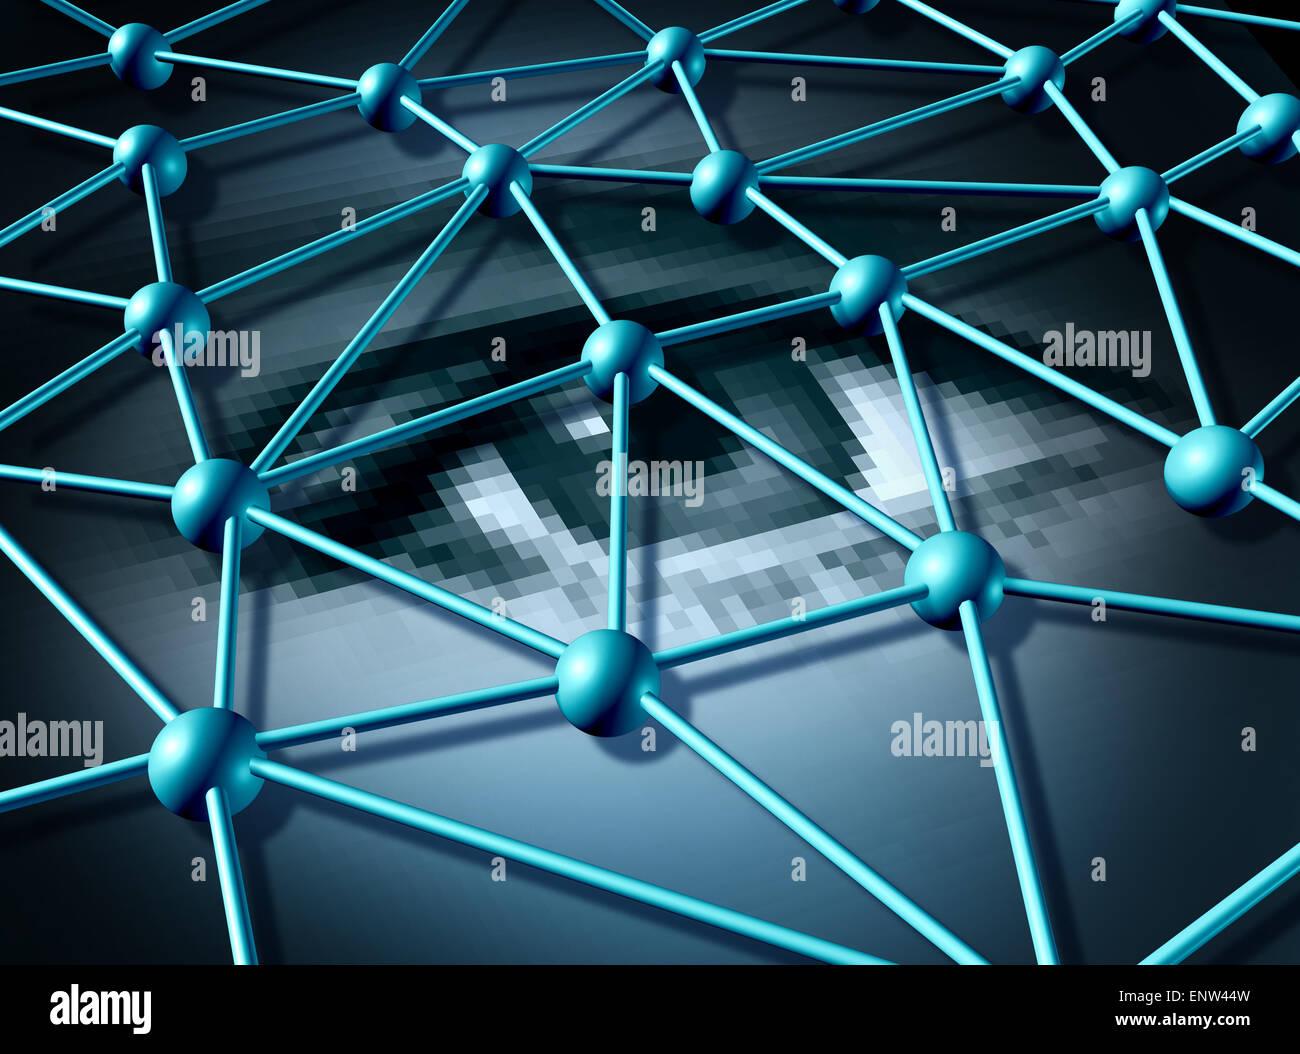 Persönliche Daten und Passwort Login Informationen Technologie Schutzkonzept als ein dreidimensionales Netzwerk Stockbild